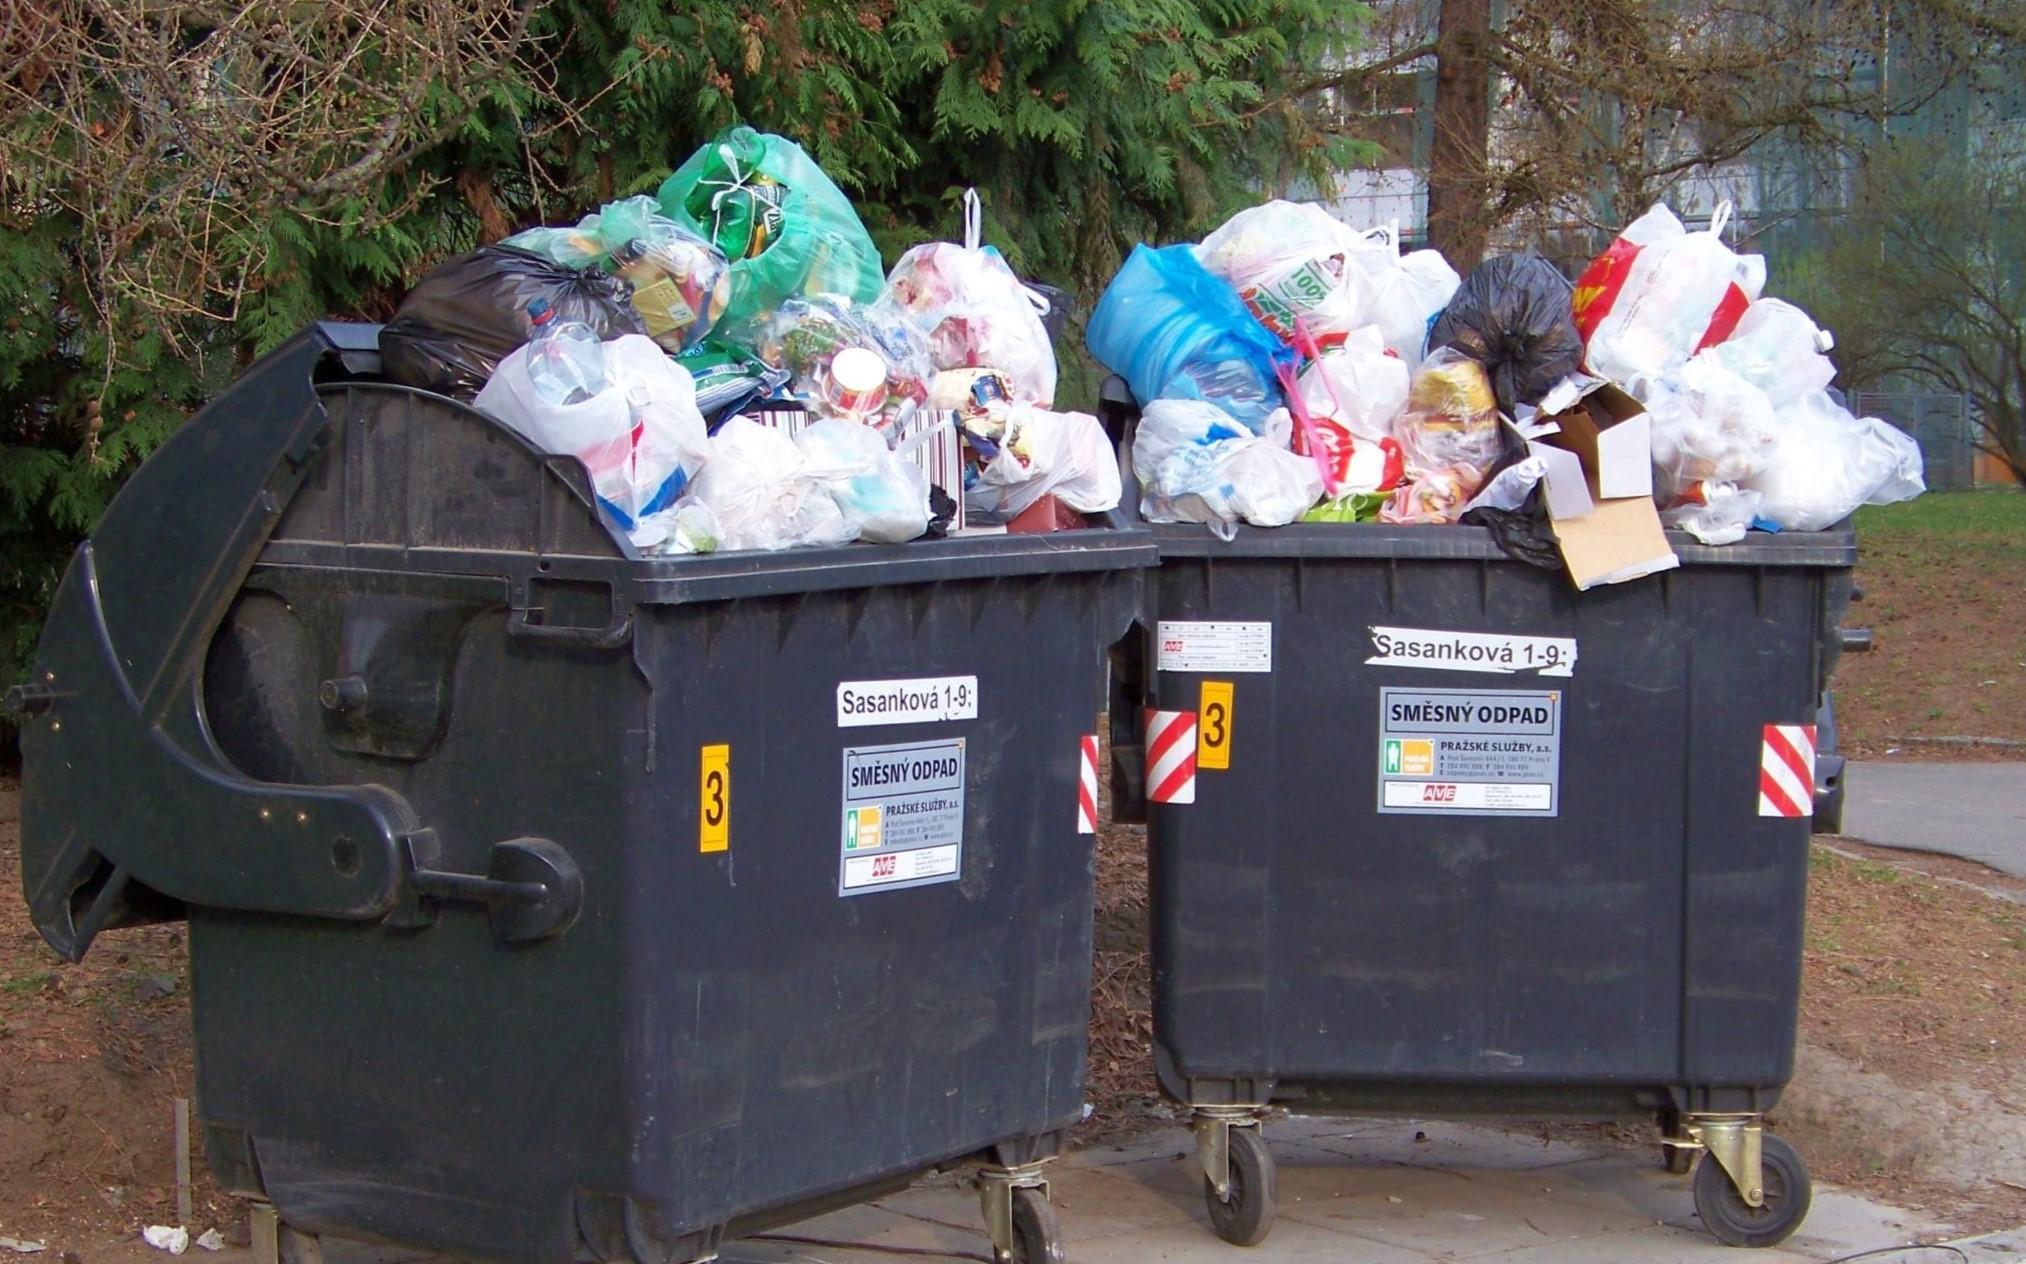 Image for Česku se nedaří zastavit nárůst vzniku odpadů